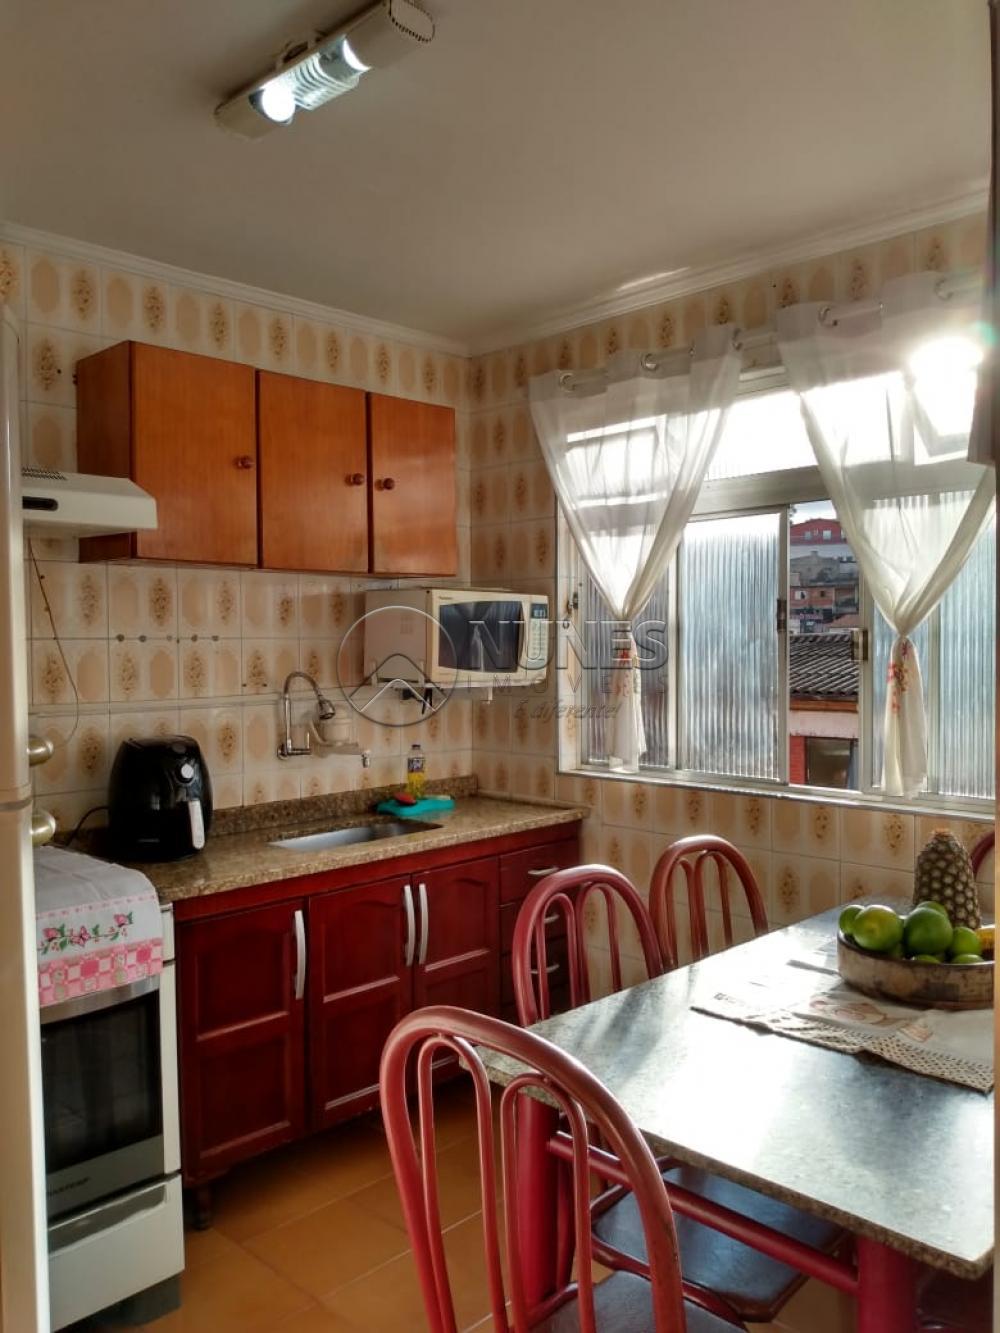 Comprar Apartamento / Padrão em Carapicuíba apenas R$ 140.000,00 - Foto 3